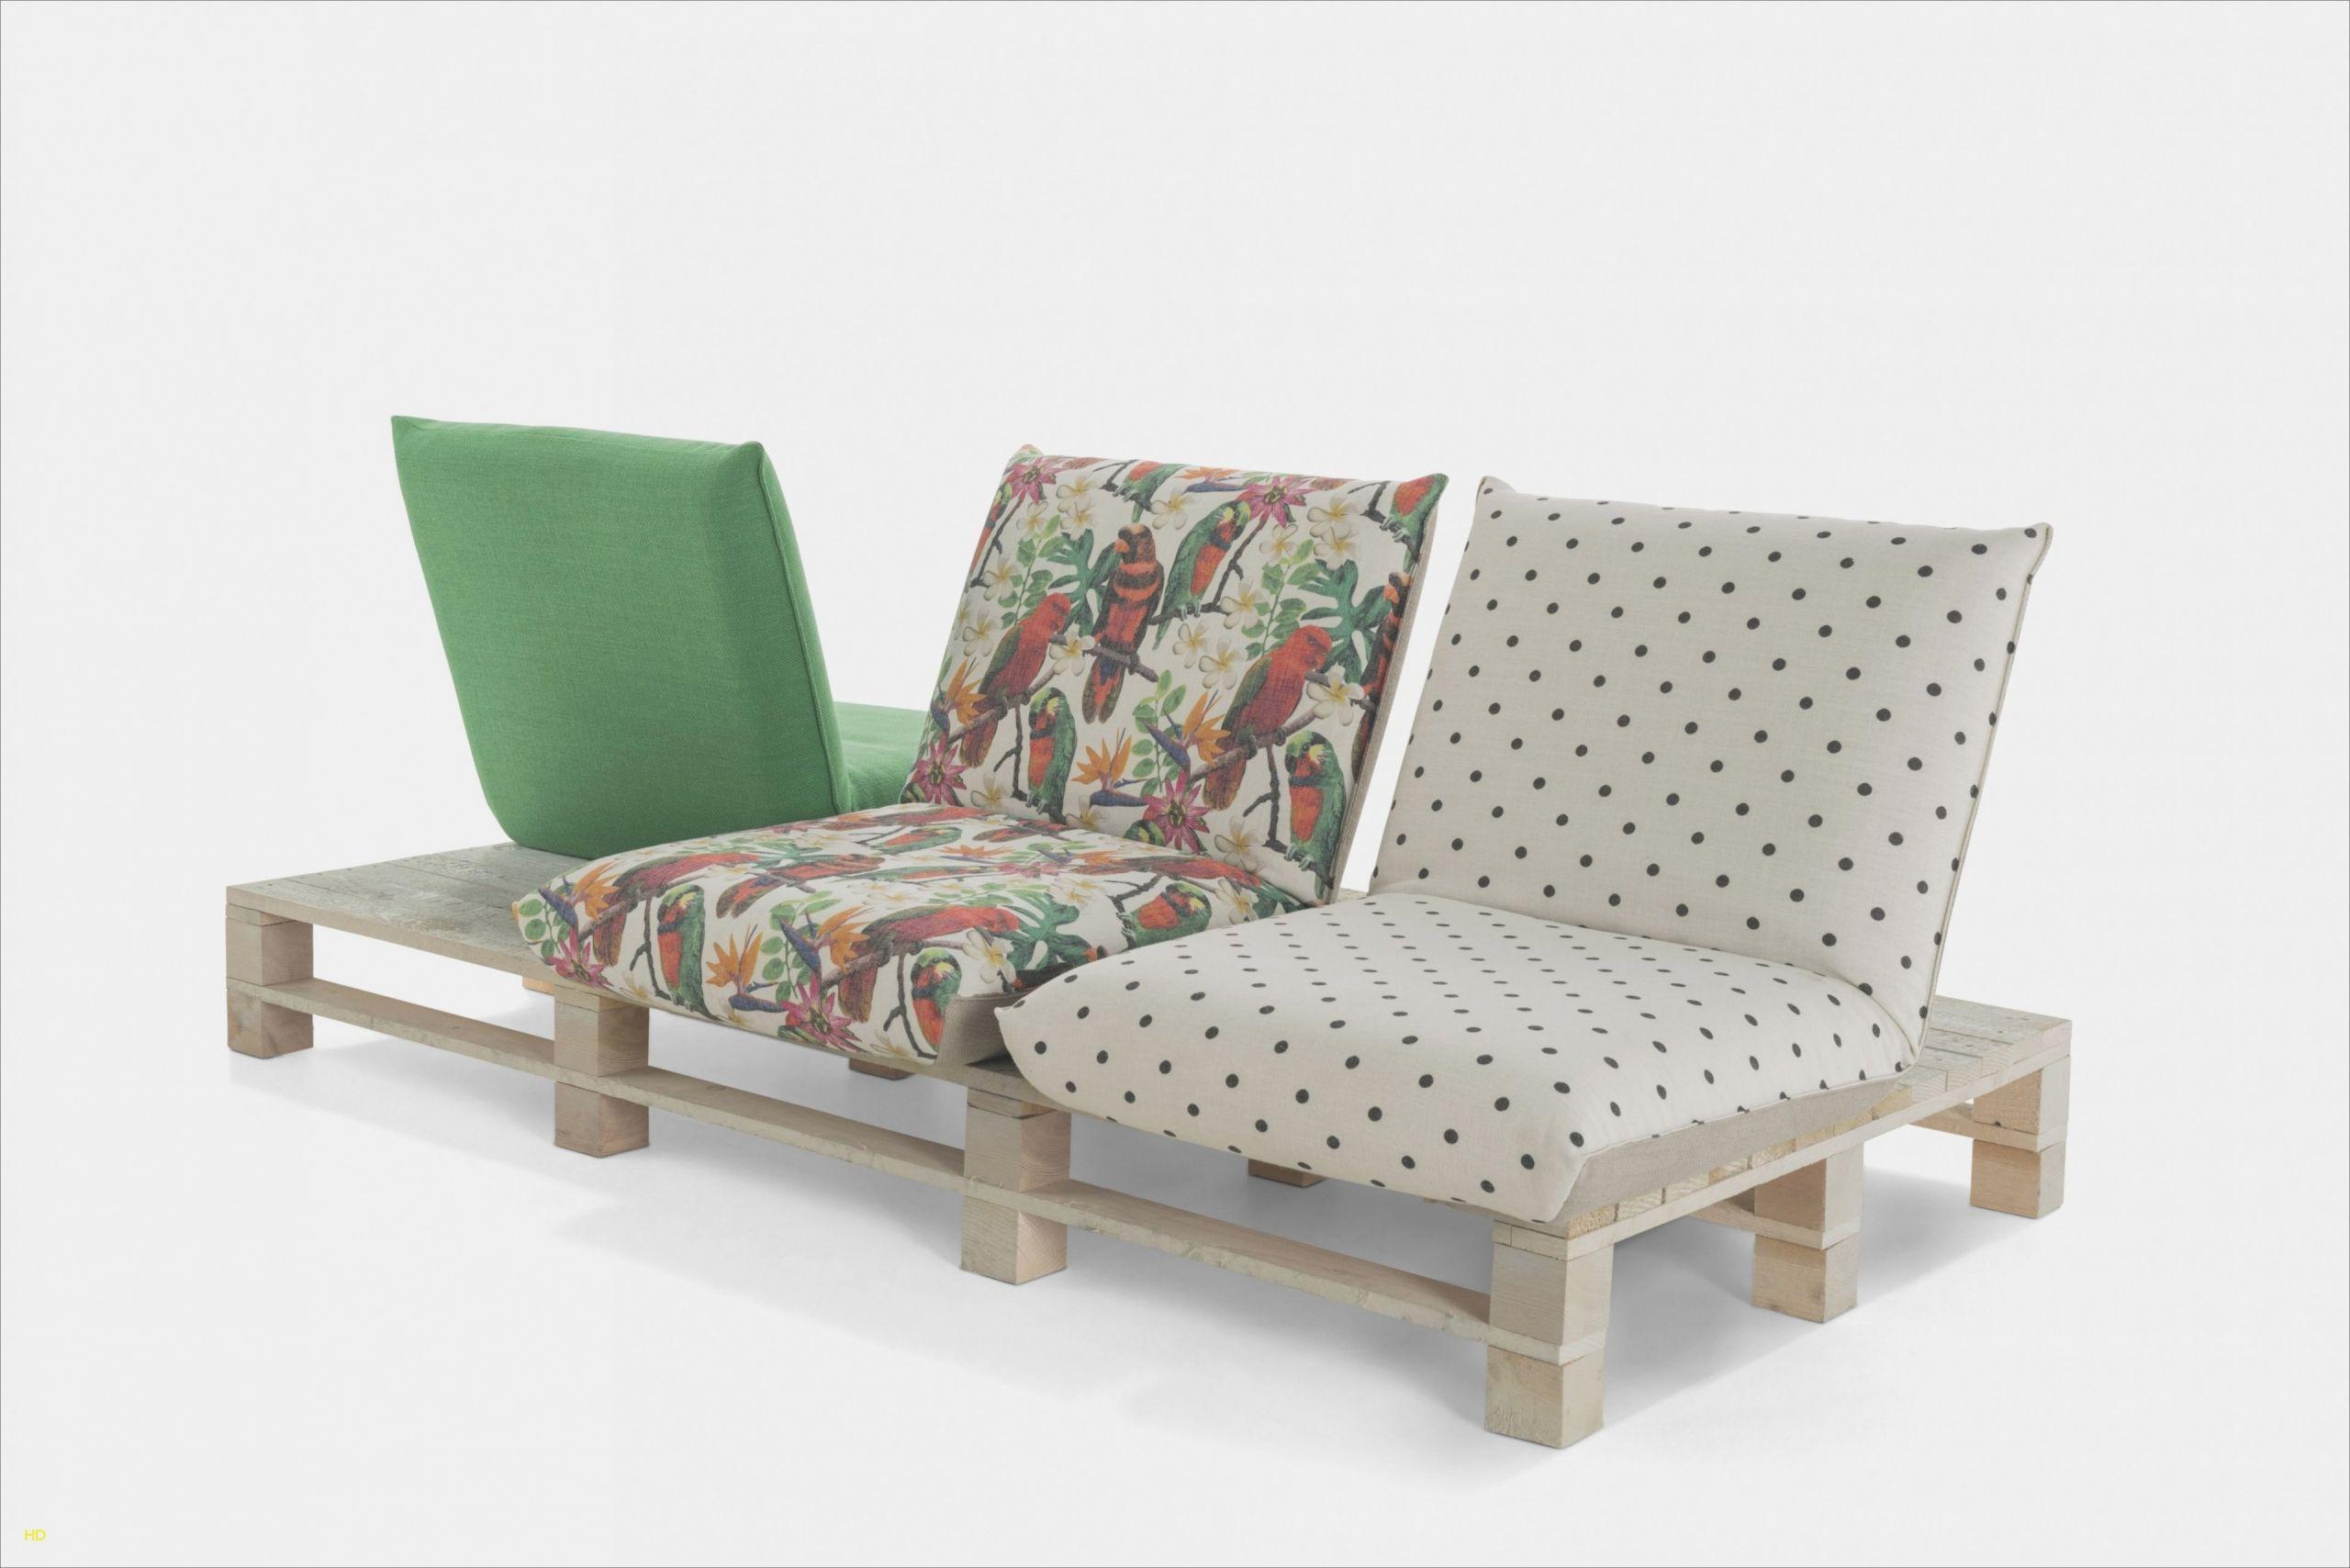 Chaises Longues Jardin Beau Chaise Longue Blanche A Fly Chaise Bureau Fauteuil Salon